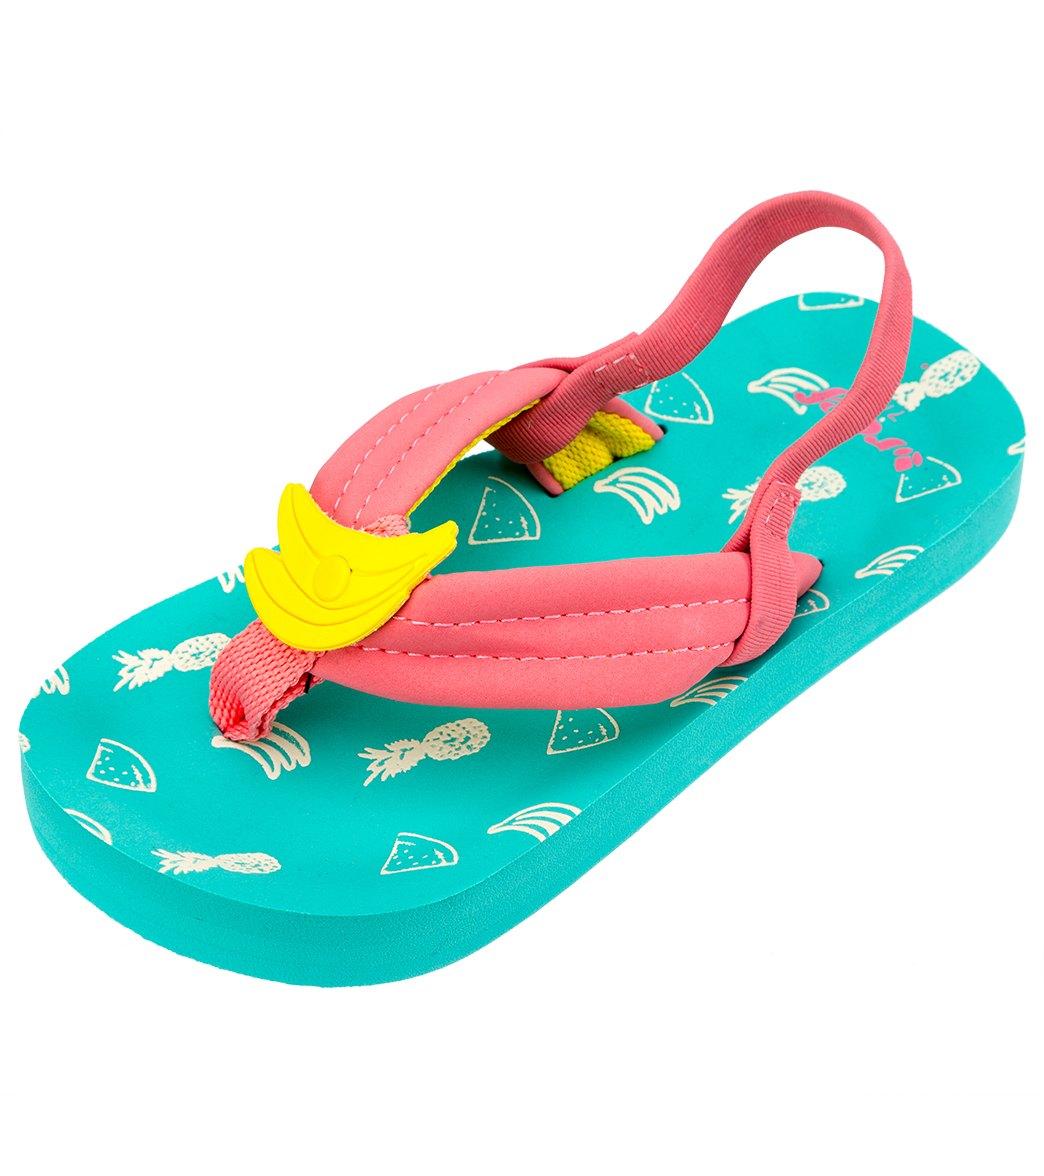 f6edfbdd5301 Reef Girls  Little Ahi Fruits Sandal at SwimOutlet.com